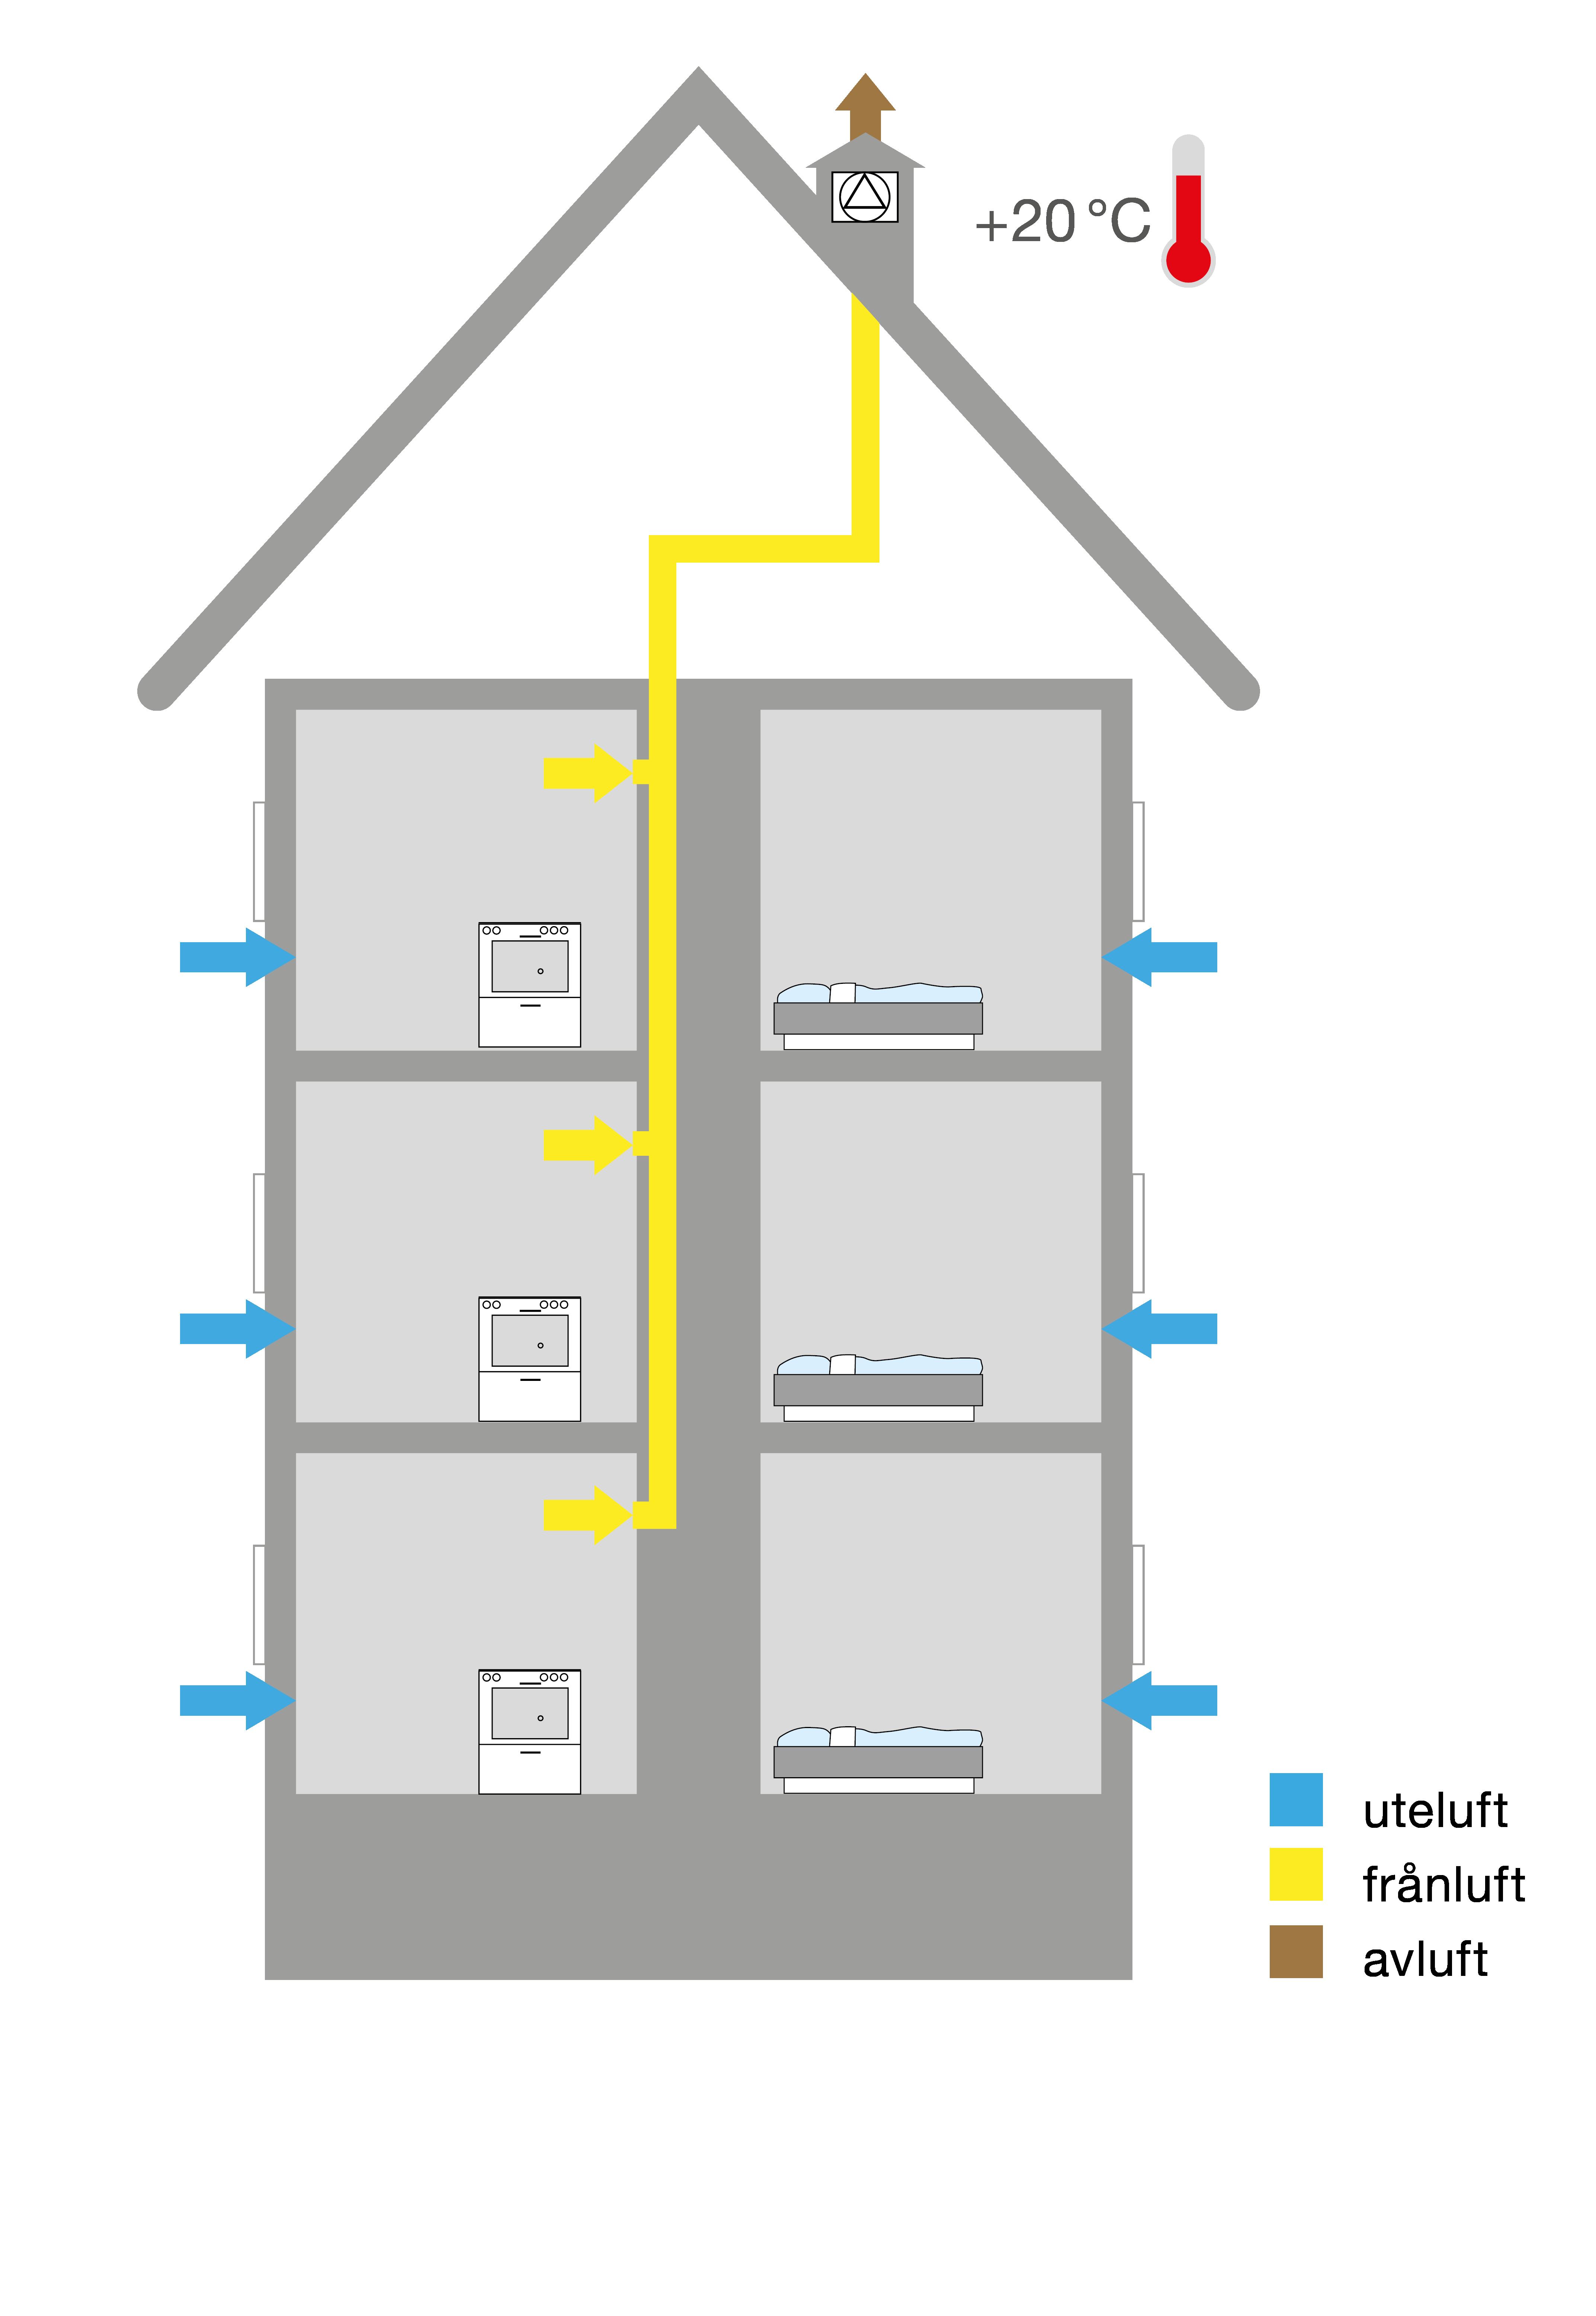 Koppla in Badrum frånluftsfläkt